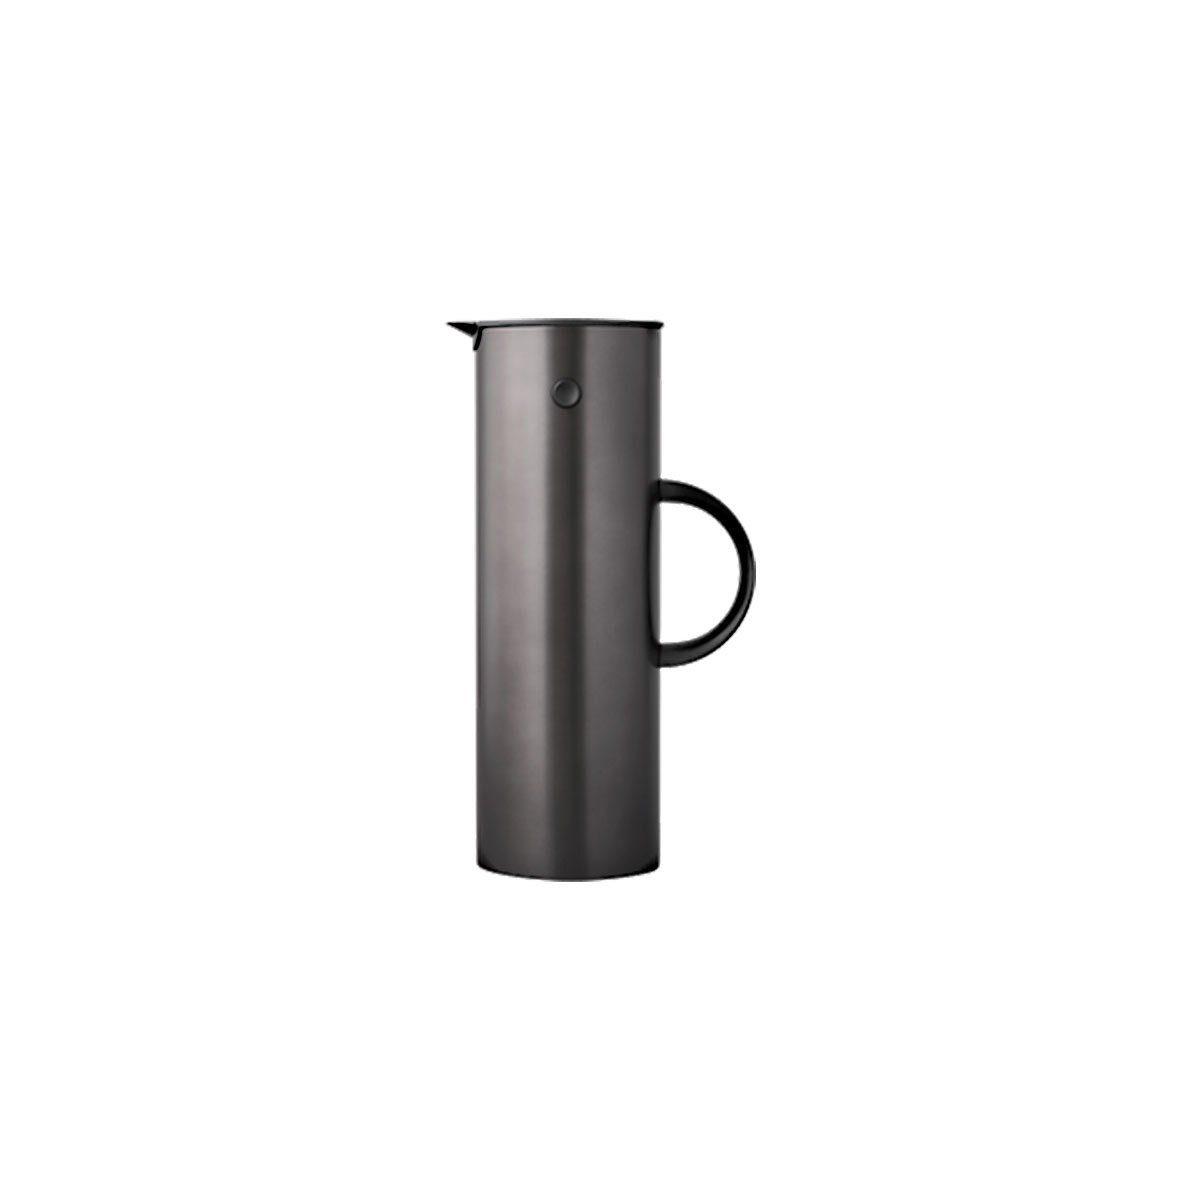 Stelton Stelton EM77 Stahl-Isolierkanne 1L, metallic schwarz